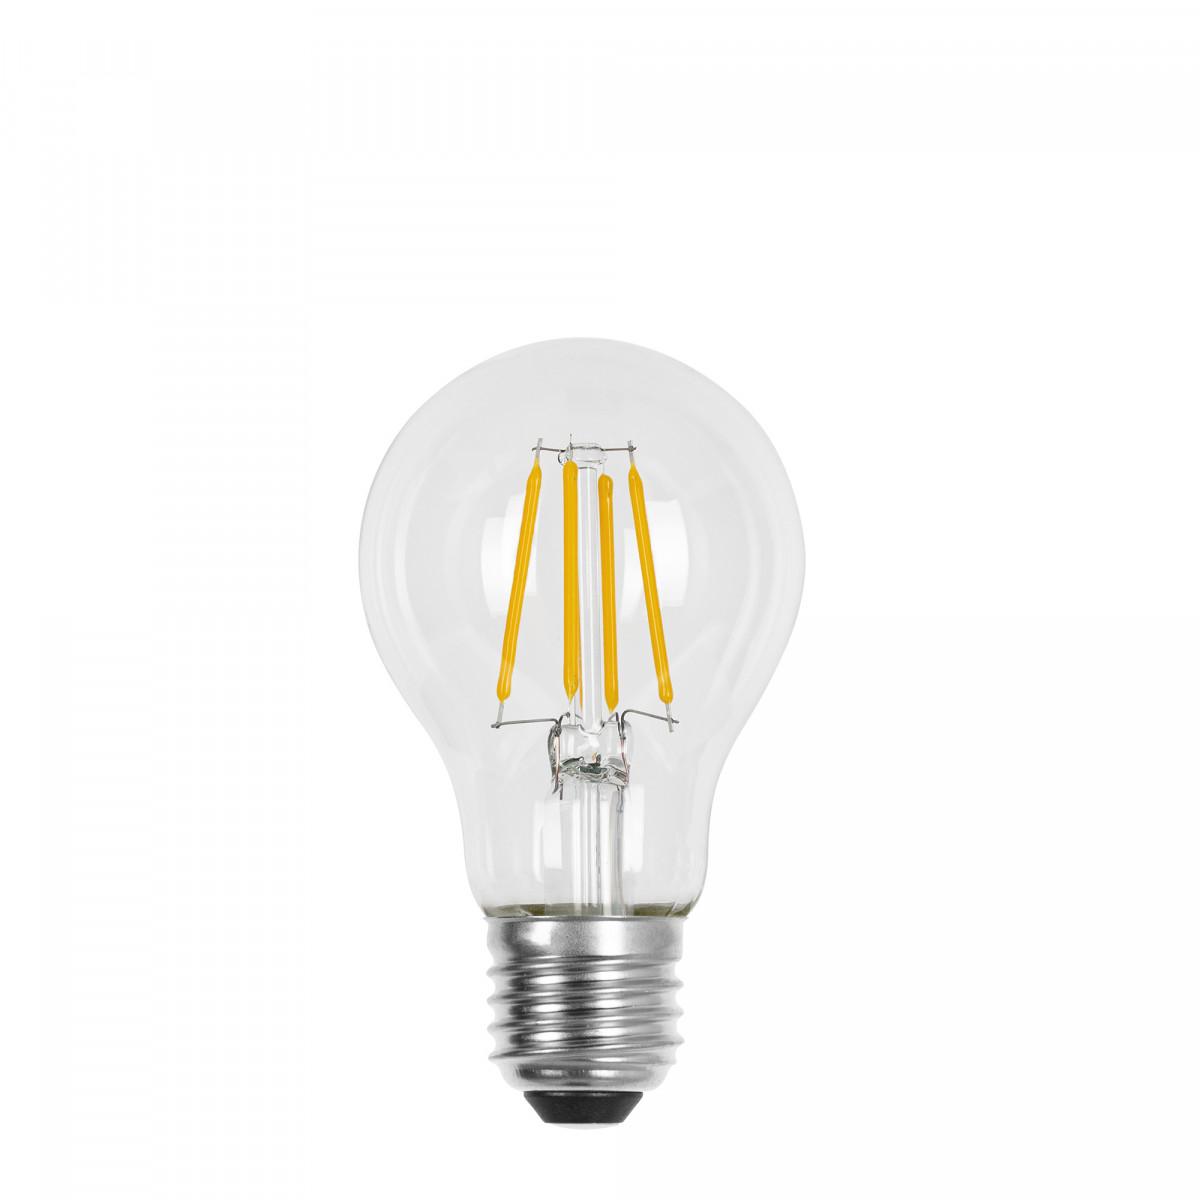 LED lichtbron incl. dag/nachtsensor (5889-LED) - KS Verlichting - Losse Sensoren en Bewegingsmelders